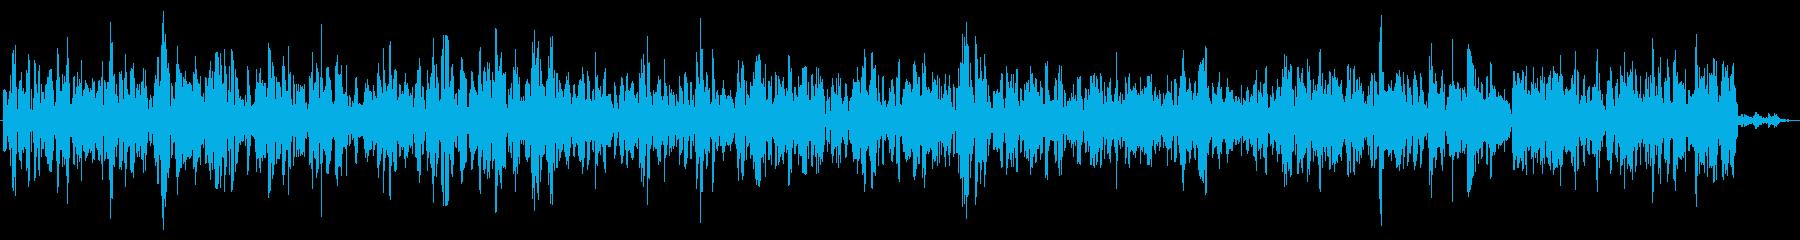 ザザザ (テレビの砂嵐)の再生済みの波形